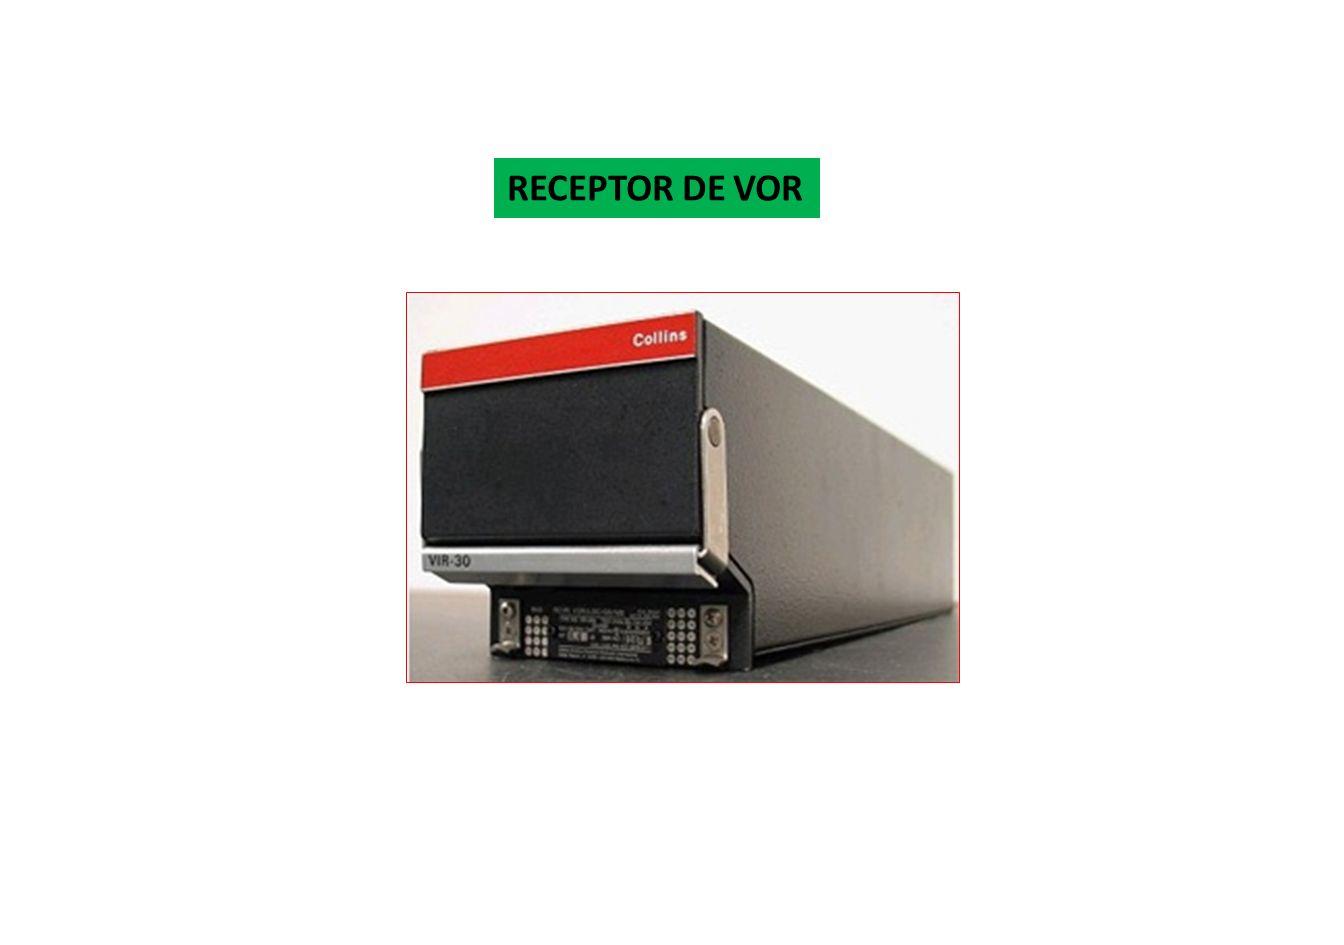 SISTEMA DE POUSO POR INSTRUMENTOS (ILS) Opera na faixa de VHF da gama de freqüência de rádio.